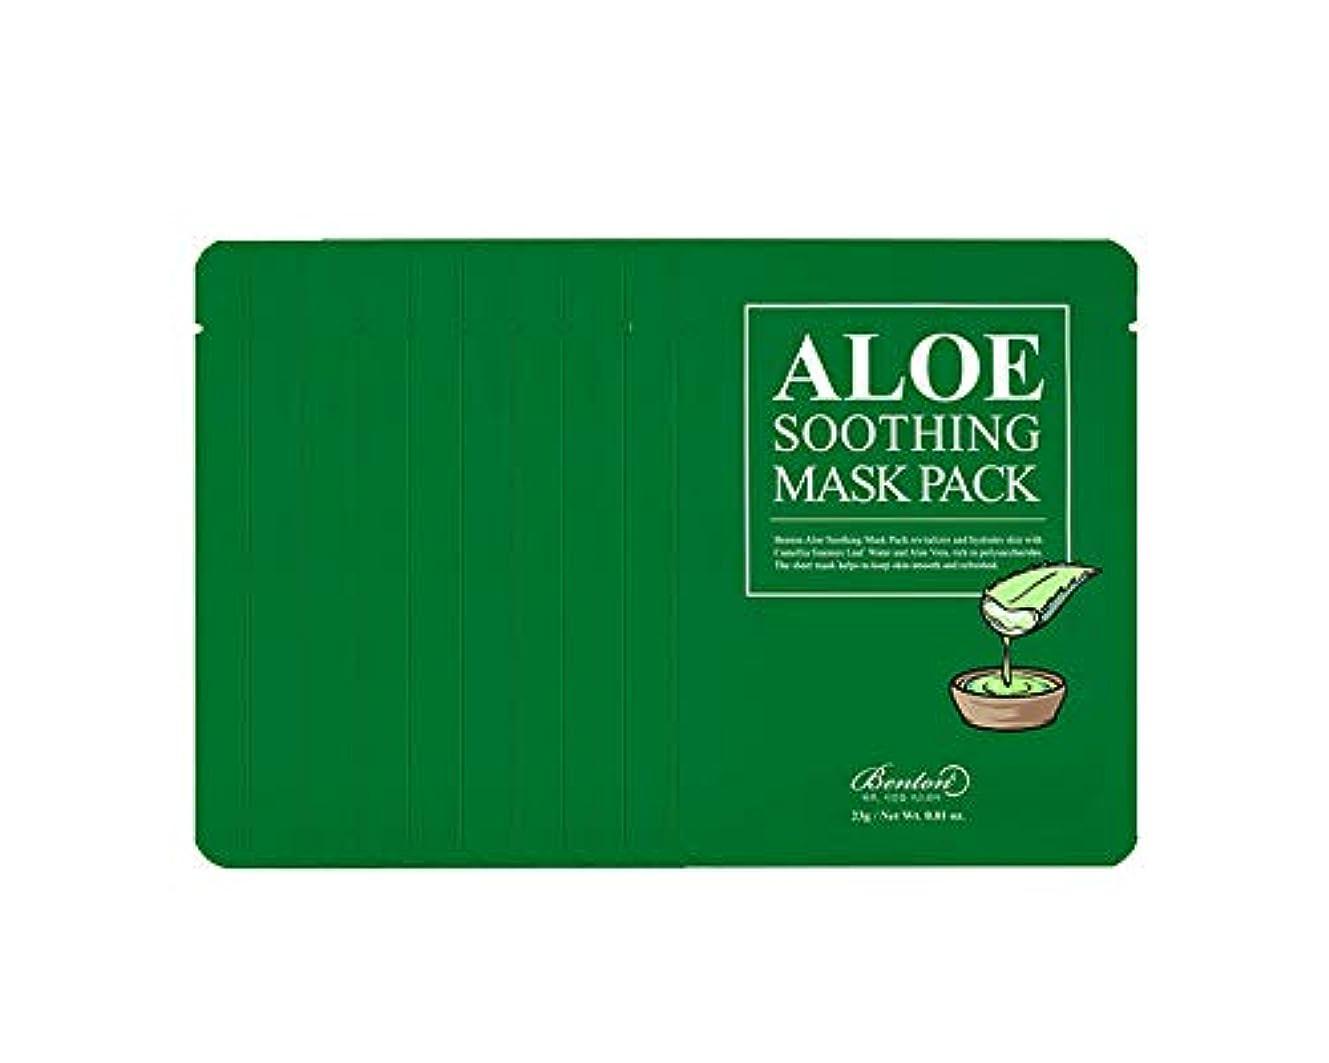 消す同意する拾う[ベントン] アロエスージングマスクパック Benton Aloe Soothing Mask Pack 10 Sheets [並行輸入品]